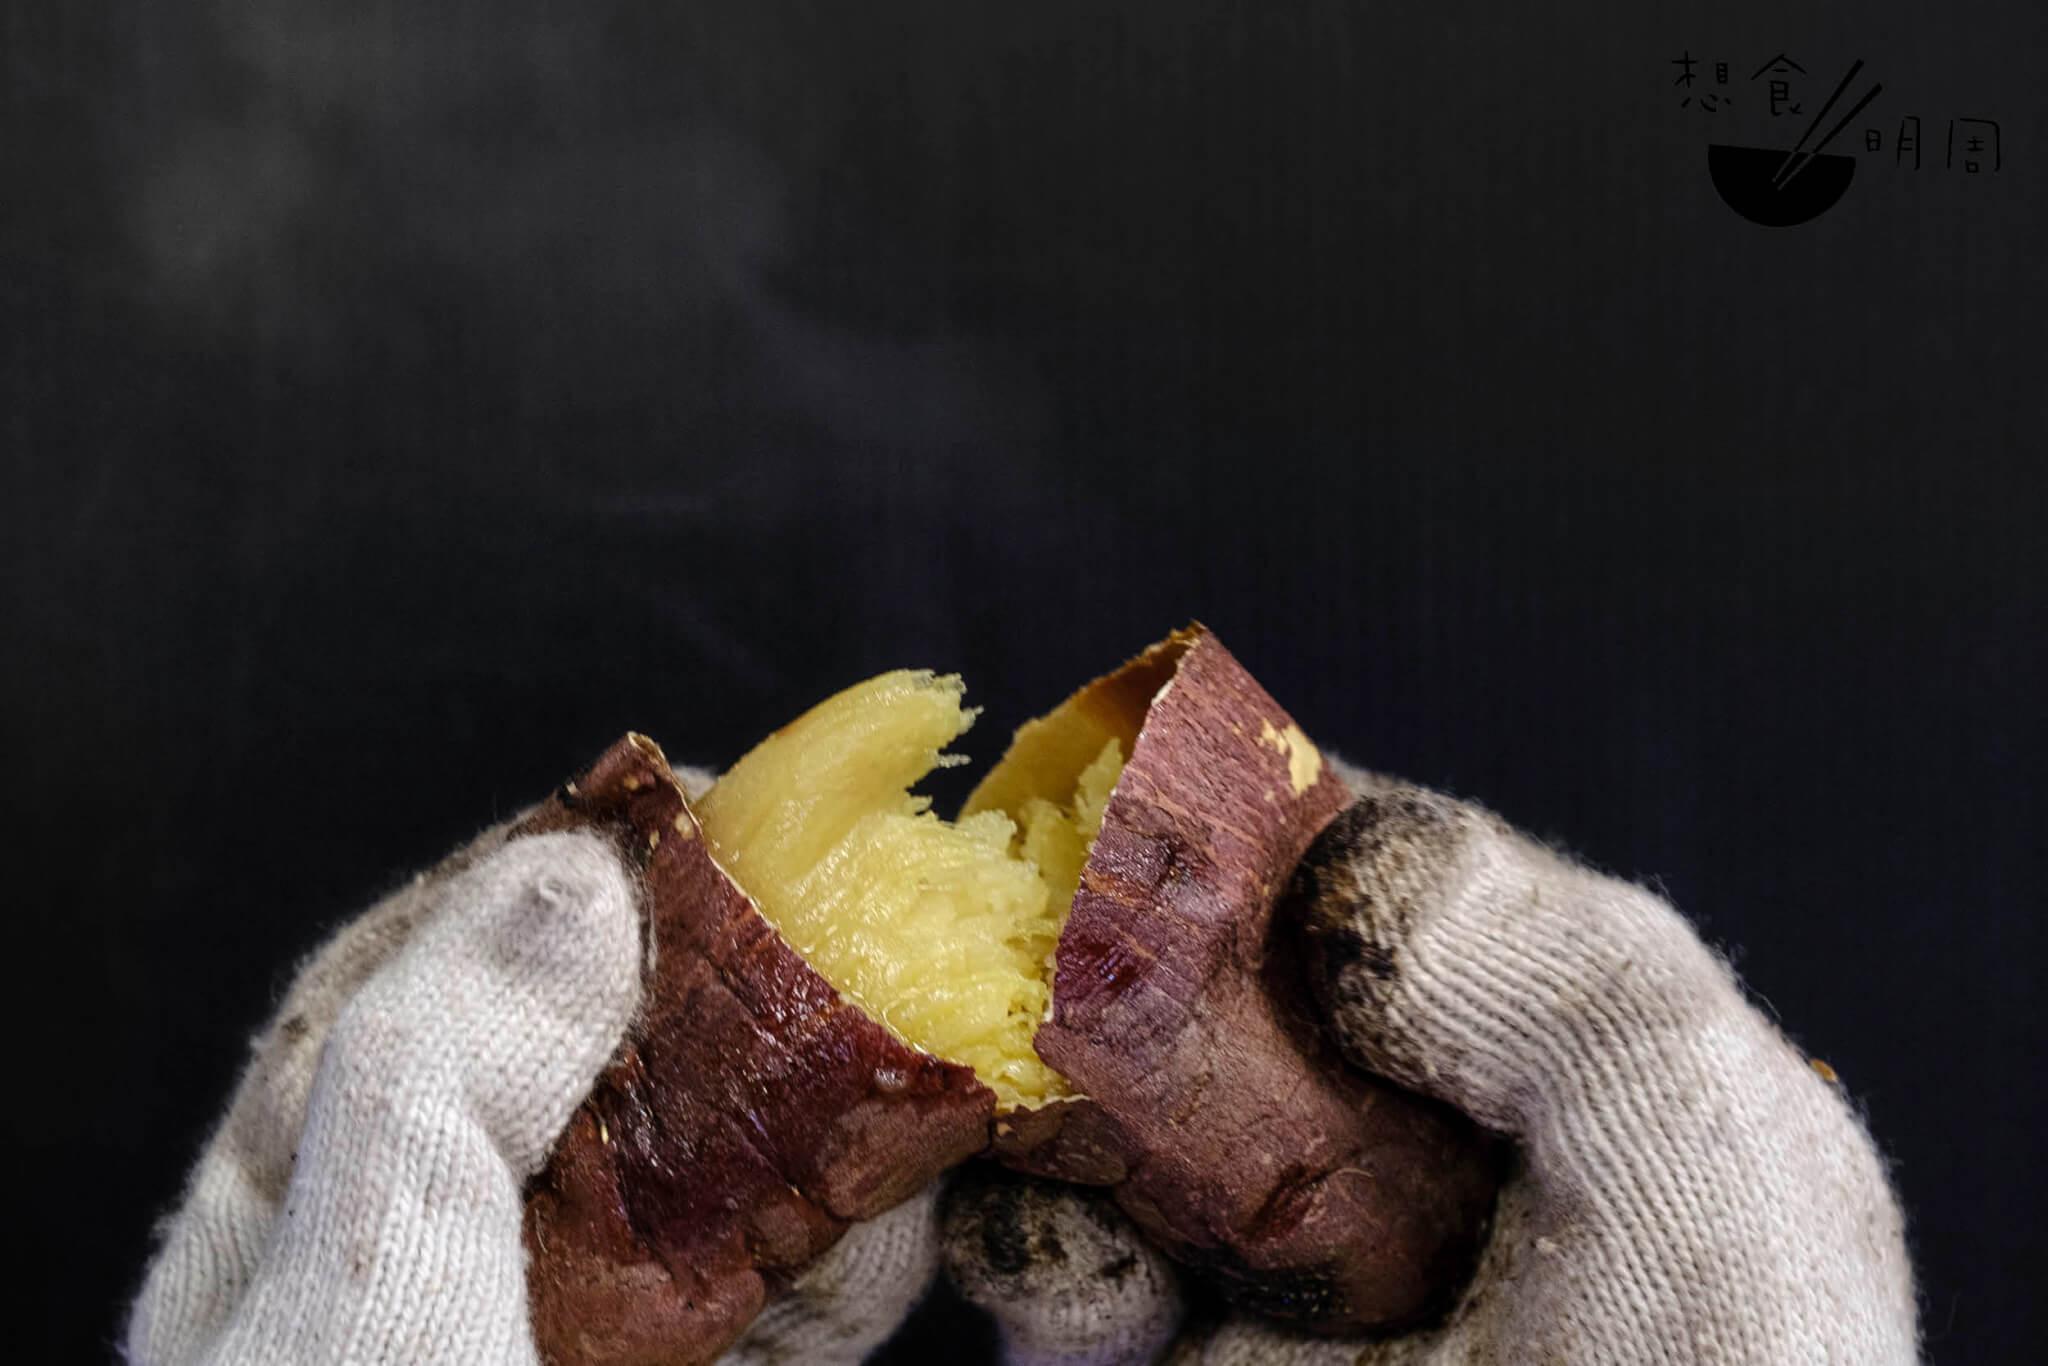 烤鹿兒島蕃薯($10/半份;$20/全份)